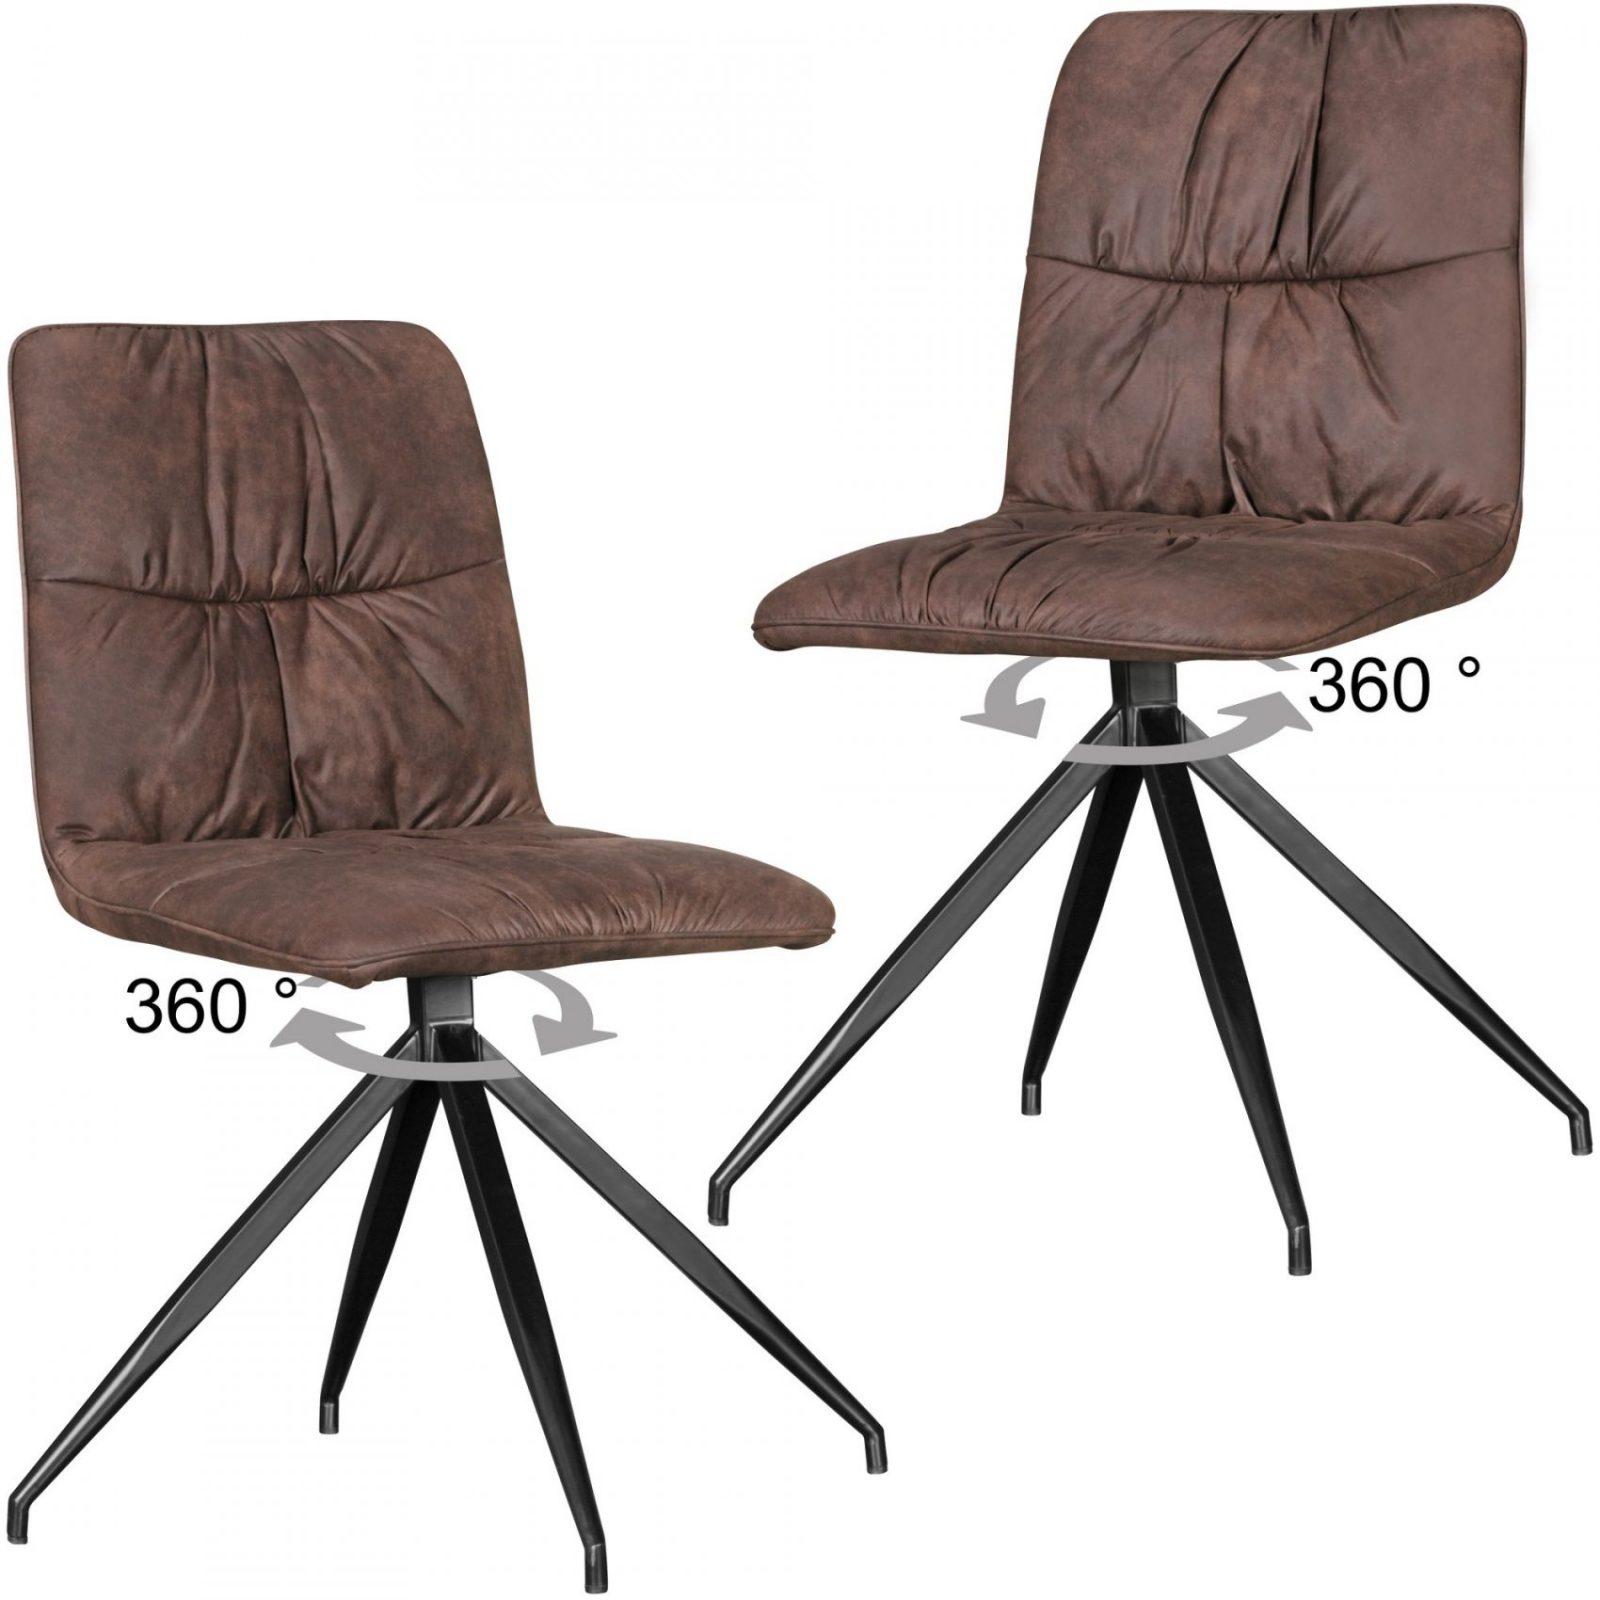 2Er Set Design Esszimmerstühle Drehbar Küchenstühle Retro Vintage Bezug Metall von Esszimmerstühle Mit Armlehne Drehbar Bild